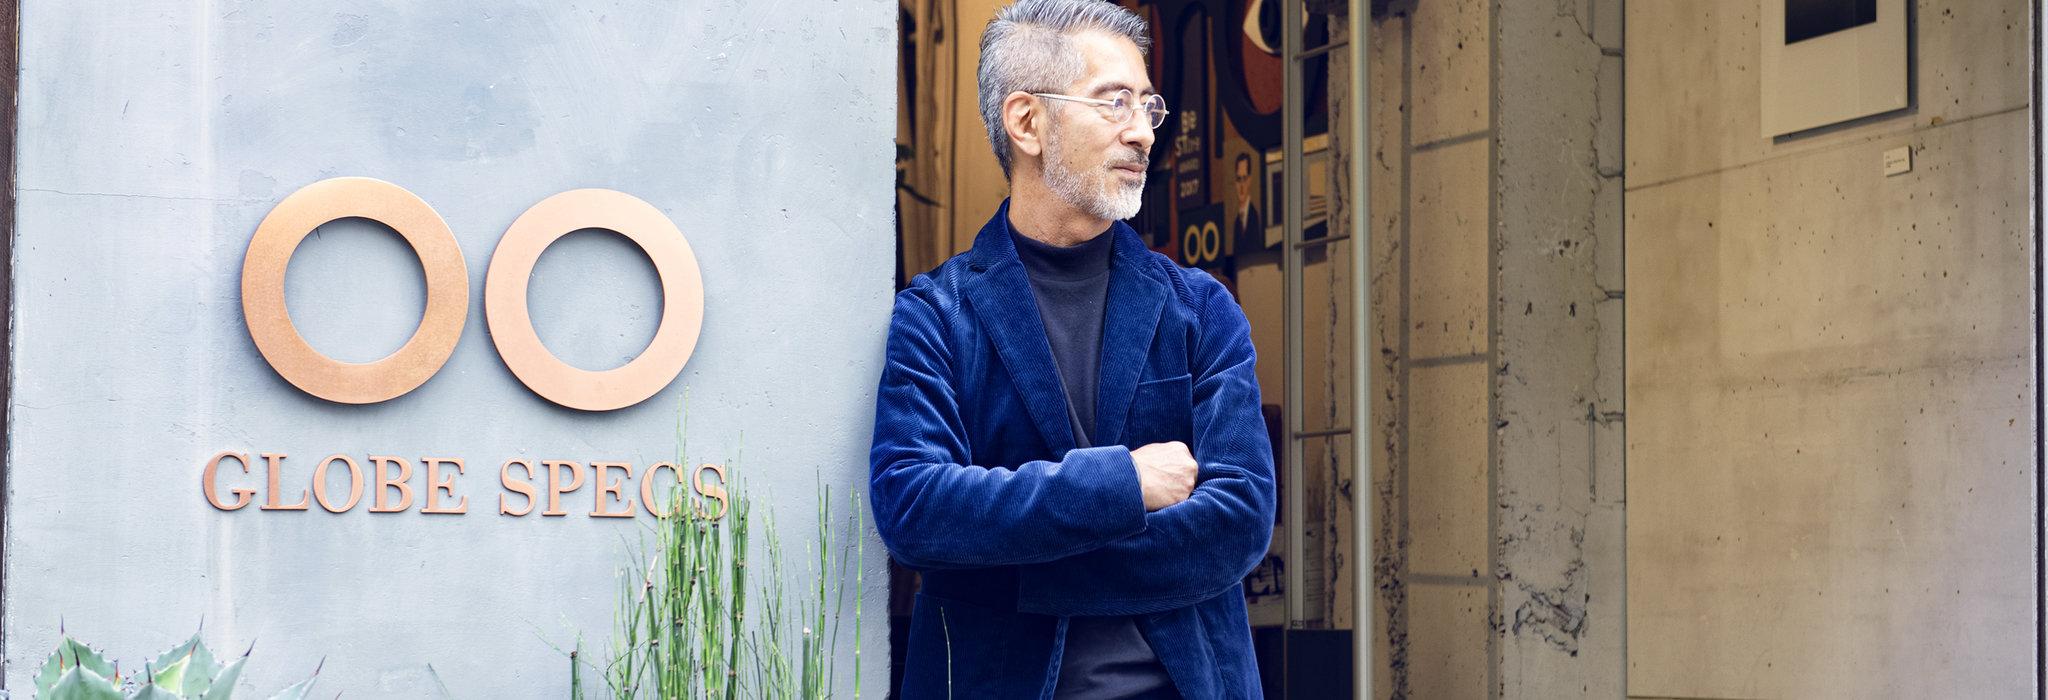 【メガネを道具から相棒に】GLOBE SPECS 岡田哲哉氏インタビュー。眼鏡は自分の印象をコントロールする手段である_image